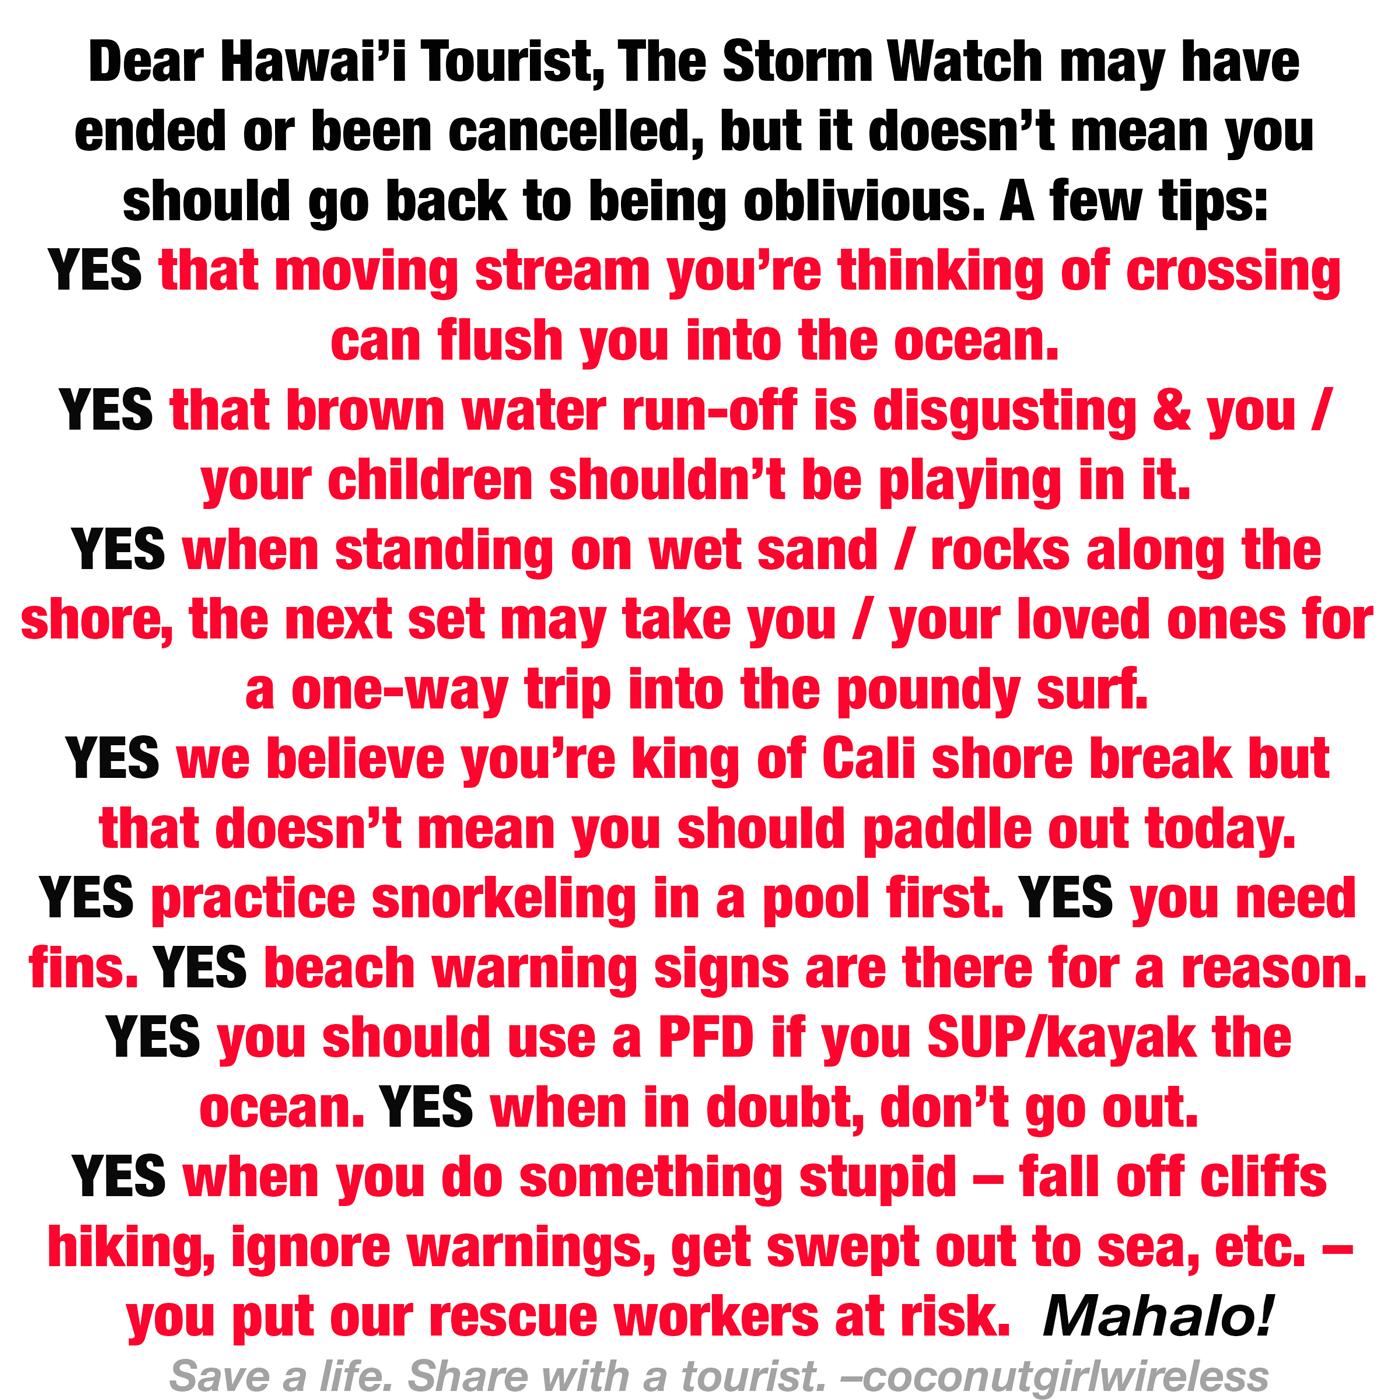 Hawaii-Hurricane-Tropical-Storm-Oahu-Maui-Kauai-Big-Island-2